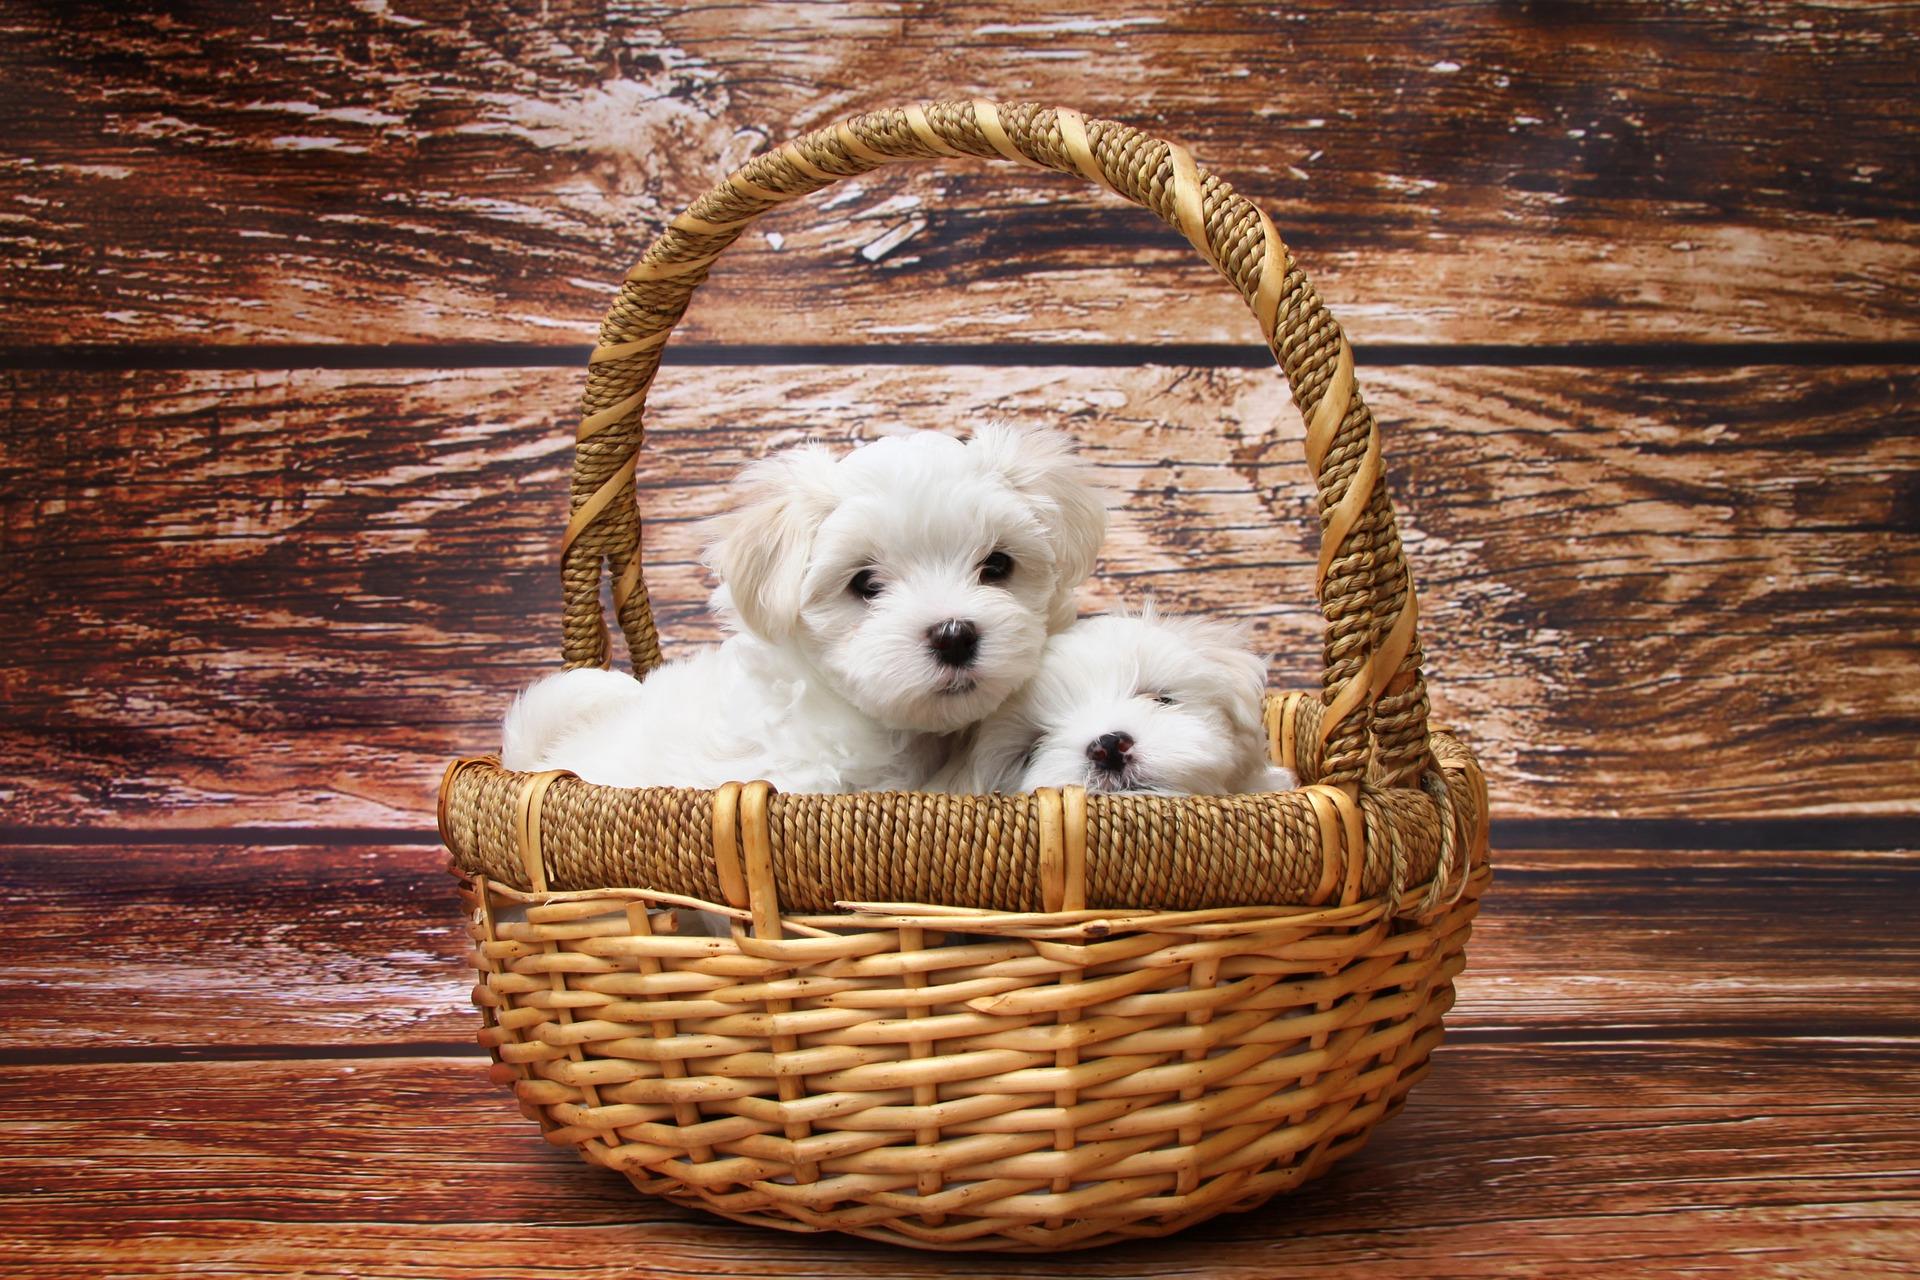 Fröhliche, gesellige Hunde, die gerne mit Menschen in Kontakt kommen. Das sind die Malteser.